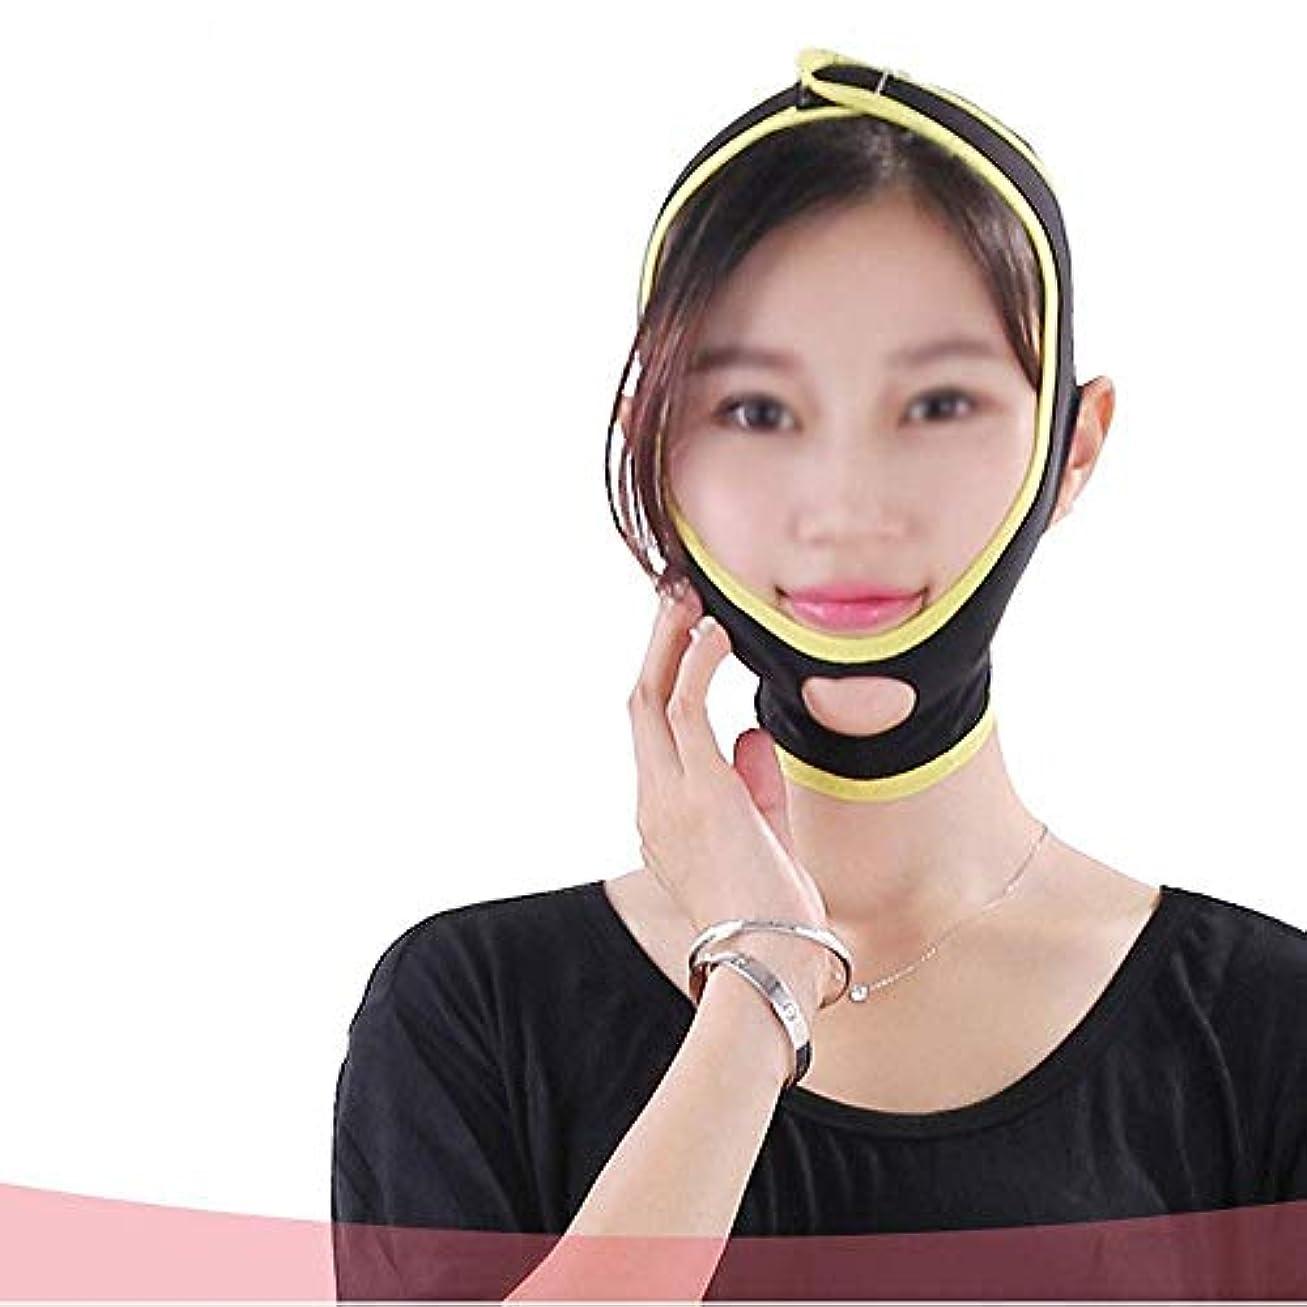 ファイバペアいっぱい睡眠用フェイスマスク、薄い顔の包帯、小さな顔Vの顔、薄い顔、フェイスリフト付きの顔(サイズ:L)